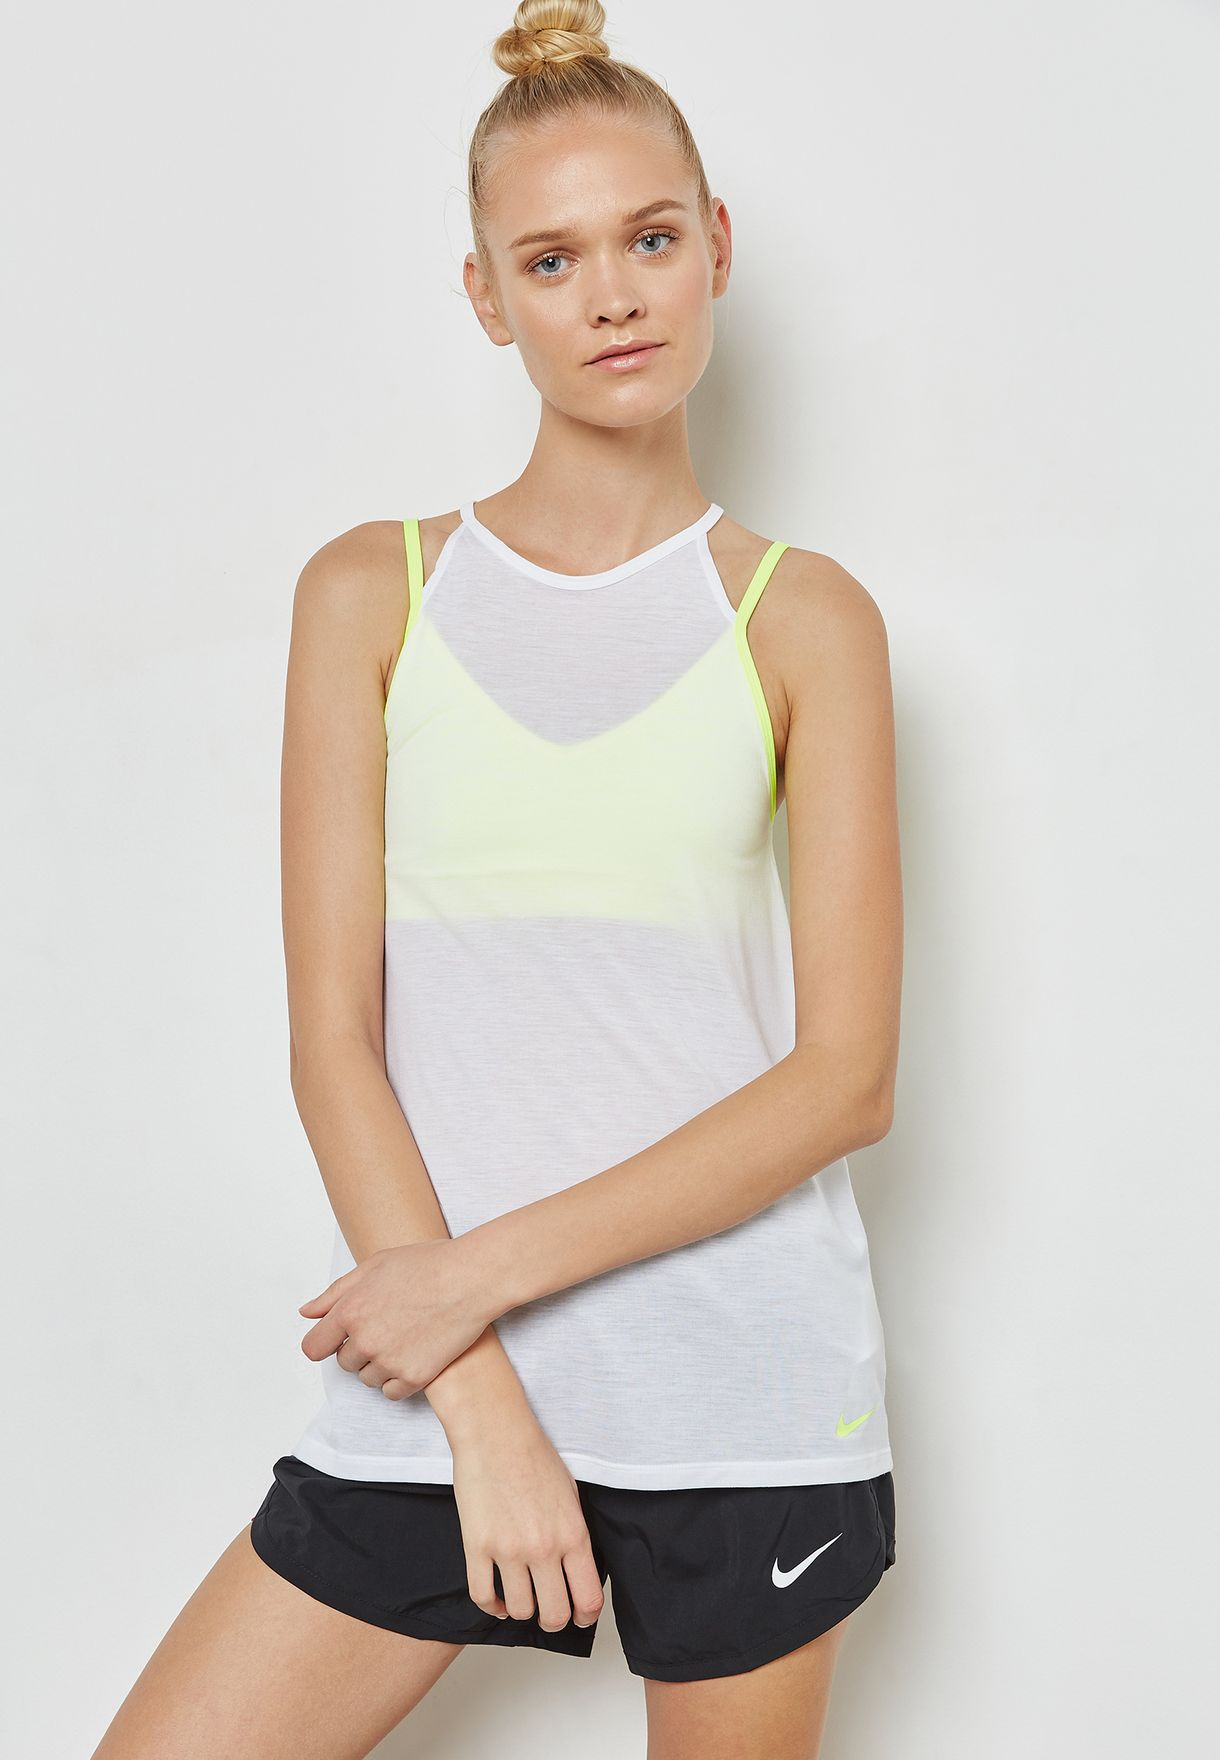 d2c7e3149ac2e5 Shop Nike multicolor Dri-FIT Strappy Tank 889077-100 for Women in ...